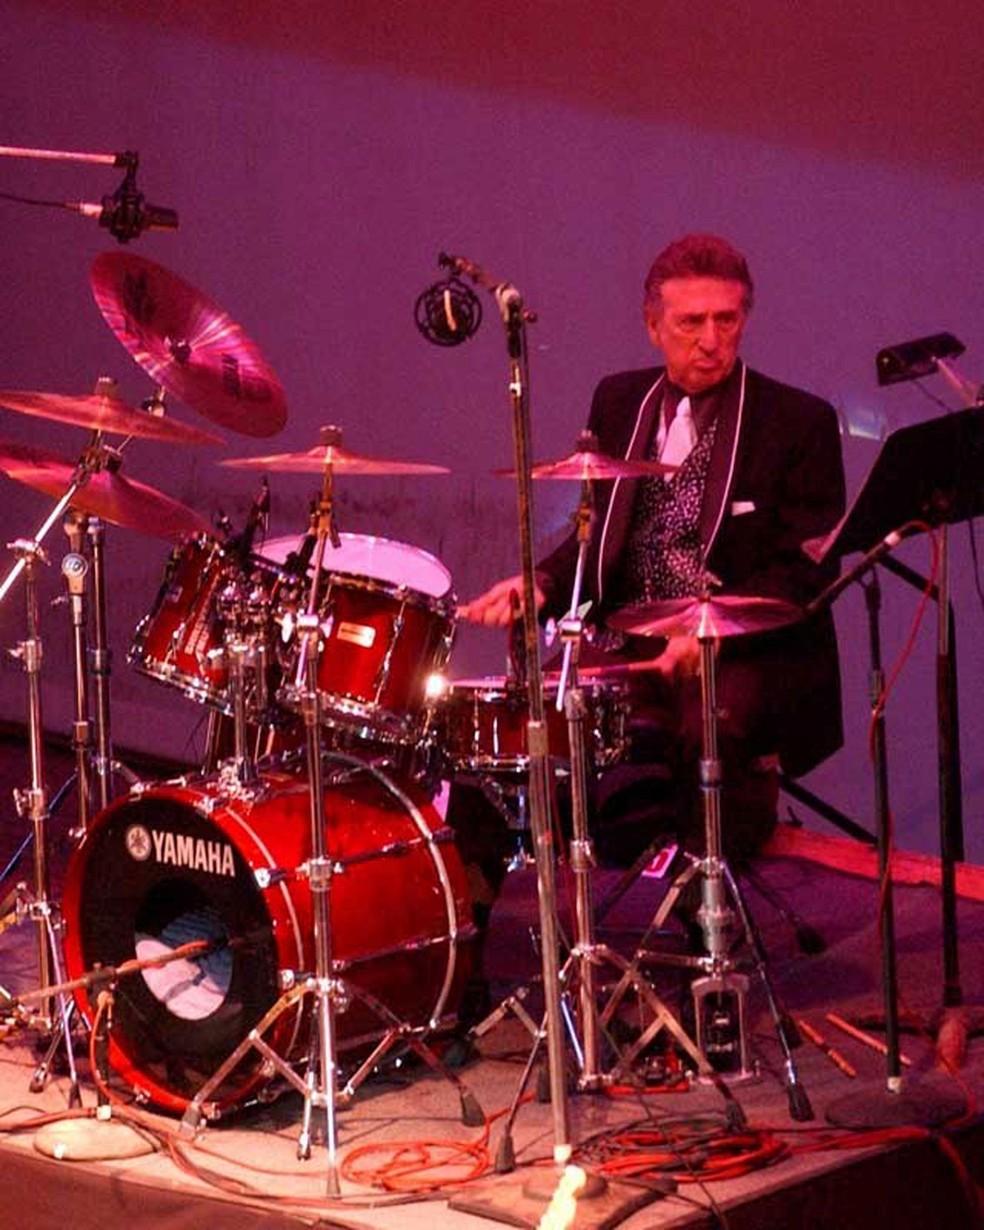 -  Foto de 16 de outubro de 2004 mostra o baterista de Elvis Presley D.J. Fontana durante show para celebrar os 50 anos da primeira apresentação de Elvi